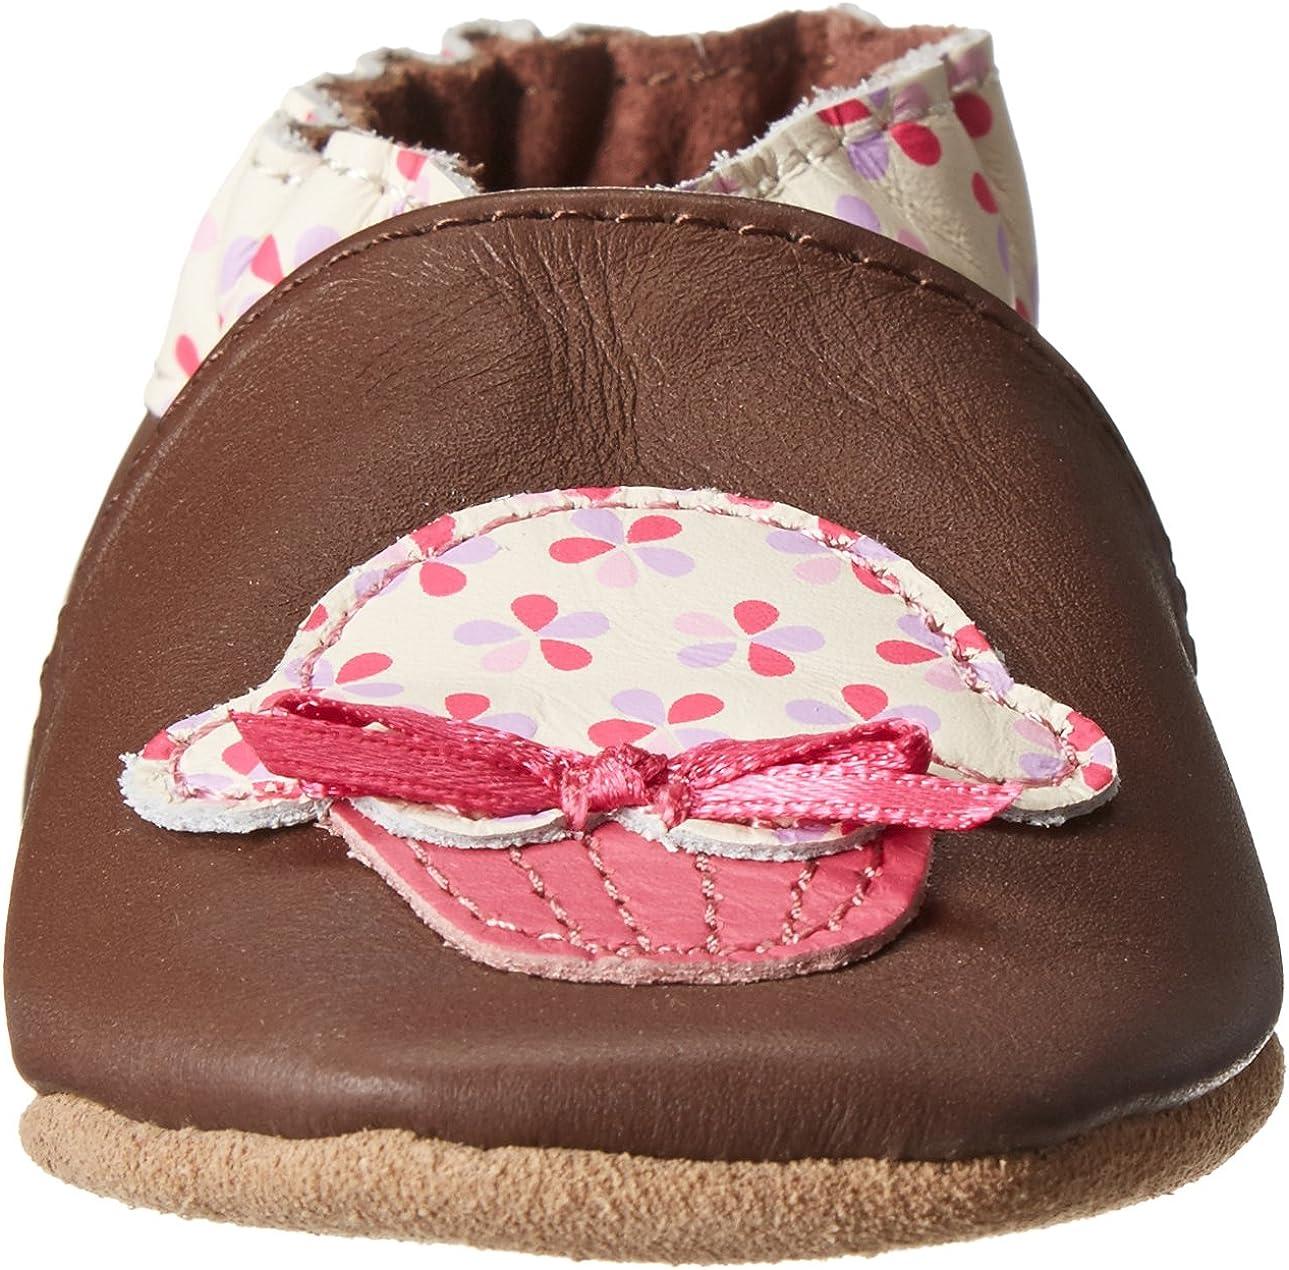 Infant//Toddler Robeez Cupcake Crib Shoe